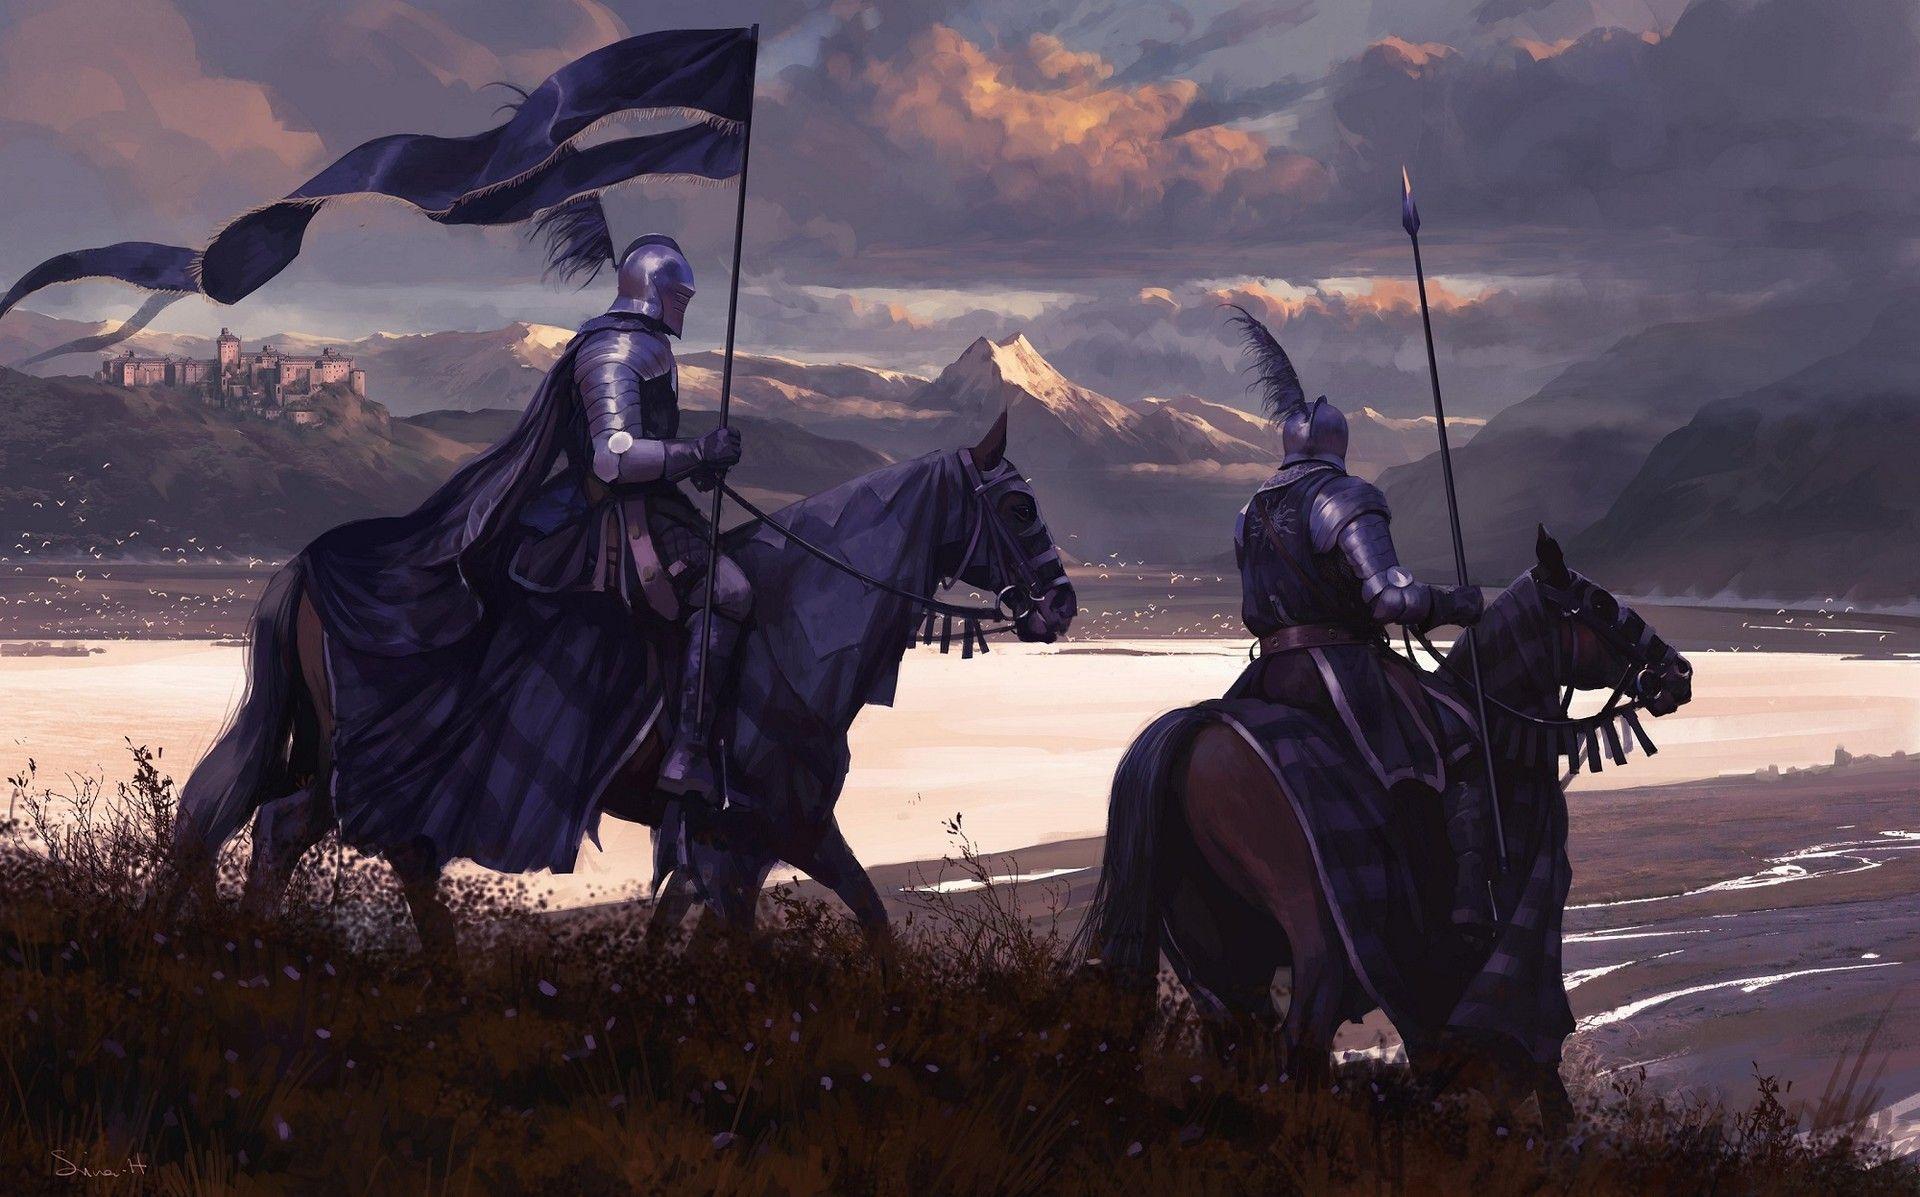 картинки рыцарей средневековья на рабочий стол вы